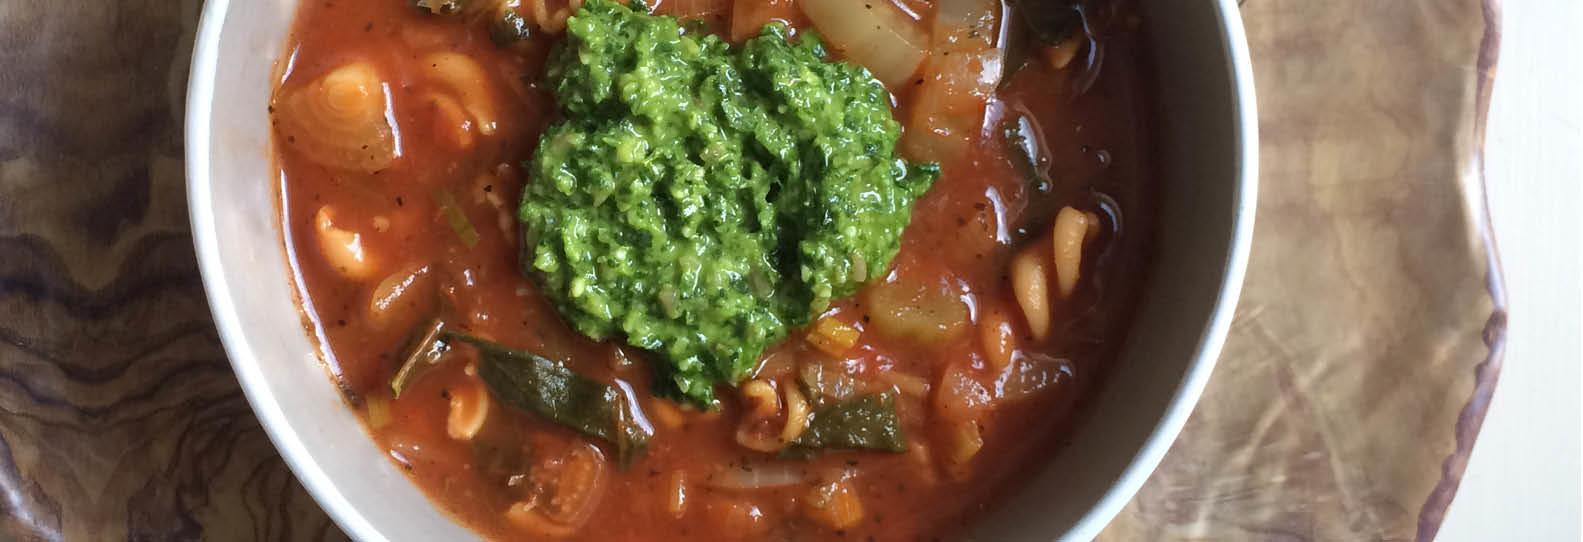 Maaltijdsoep met groente, linzenpasta en pesto